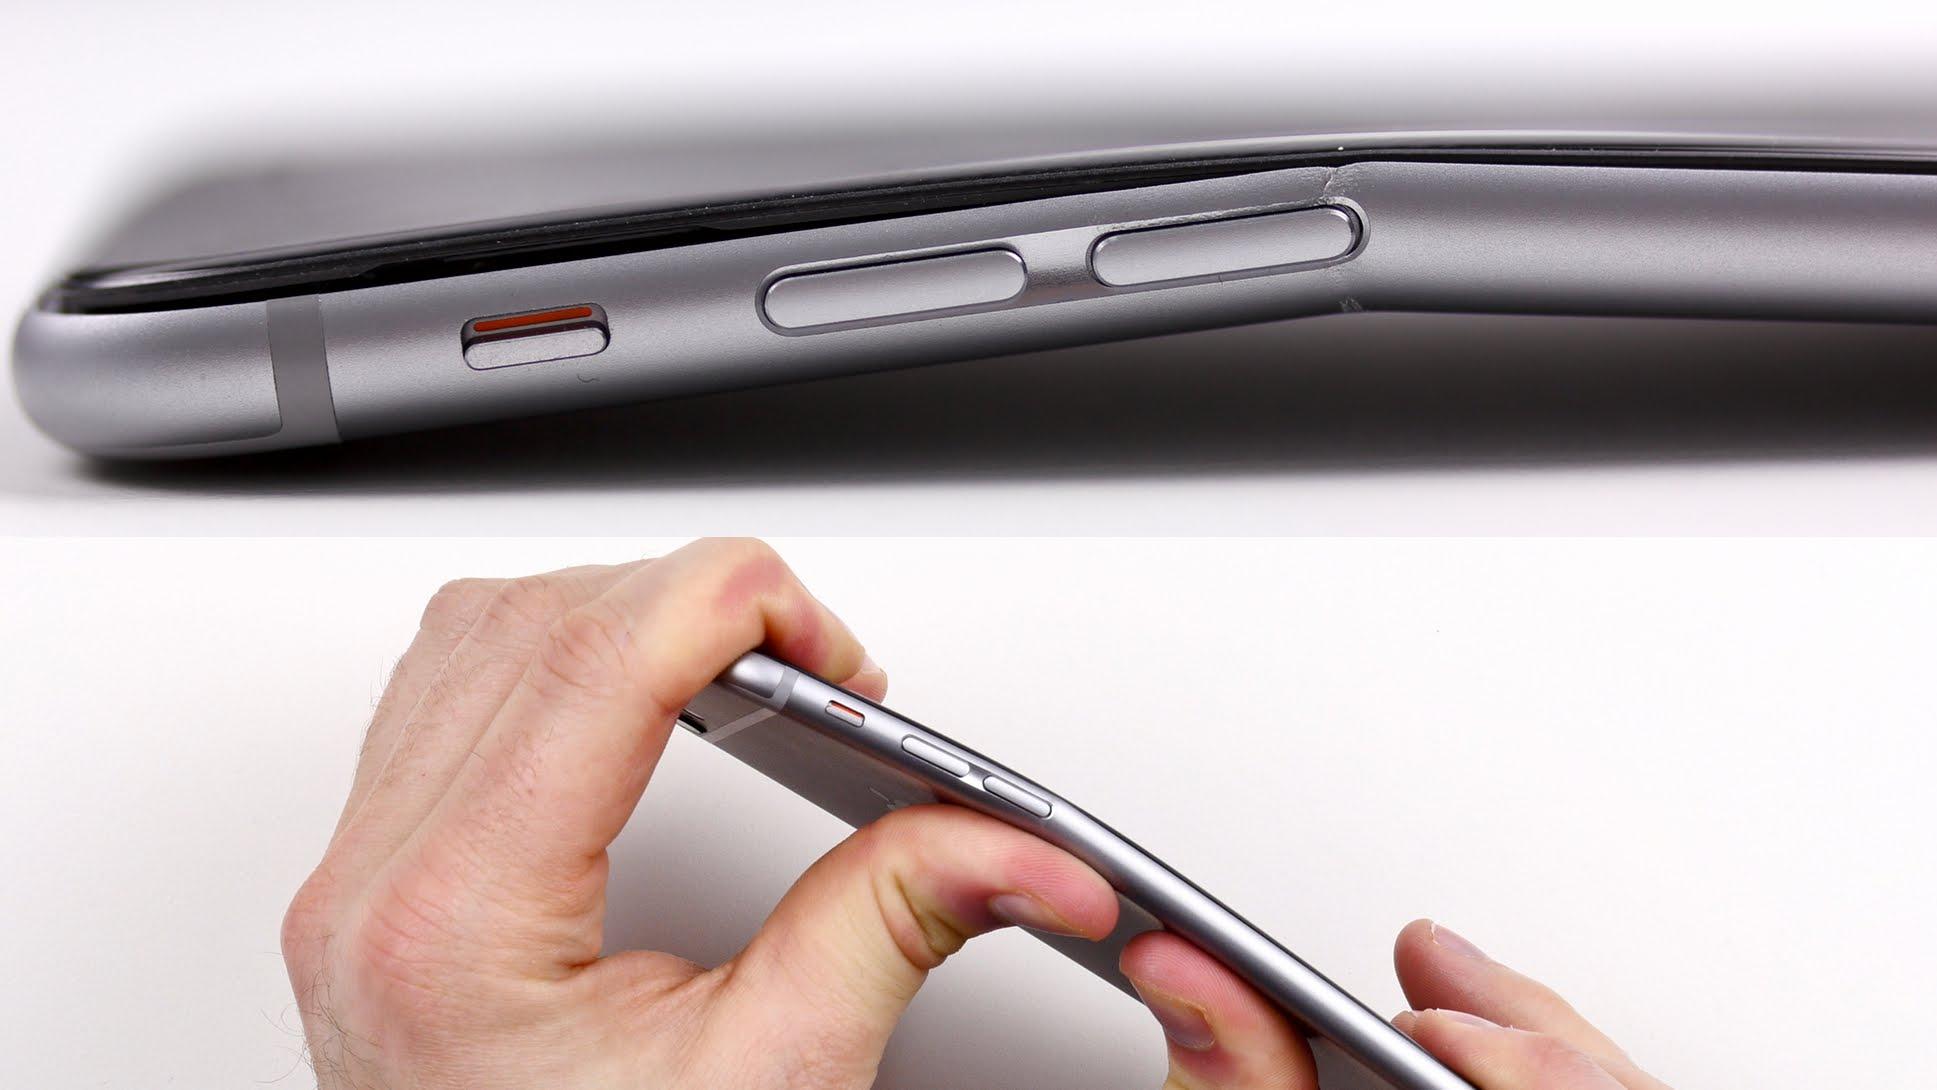 في فضيحة جديدة، هاتف آيفون 6 بلس قابل للثني..! (فيديو)